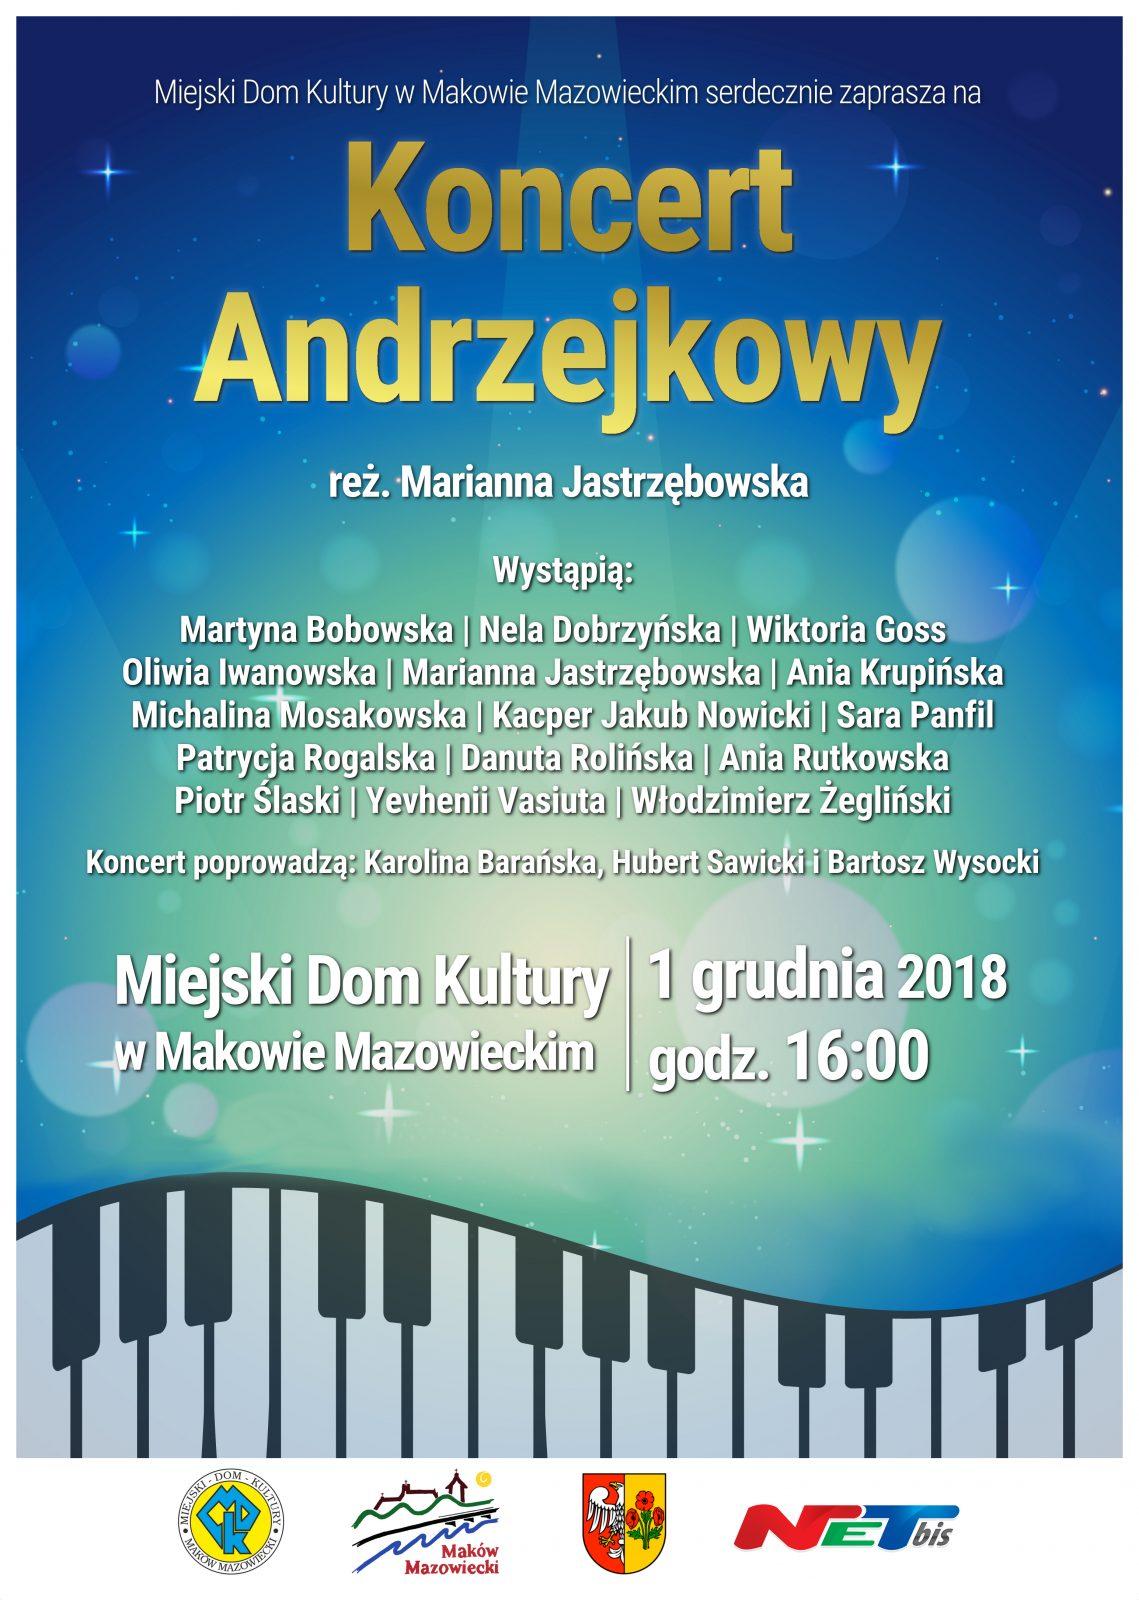 Plakat. Koncert Andrzejkowy. 1 grudnia godzina 16:00